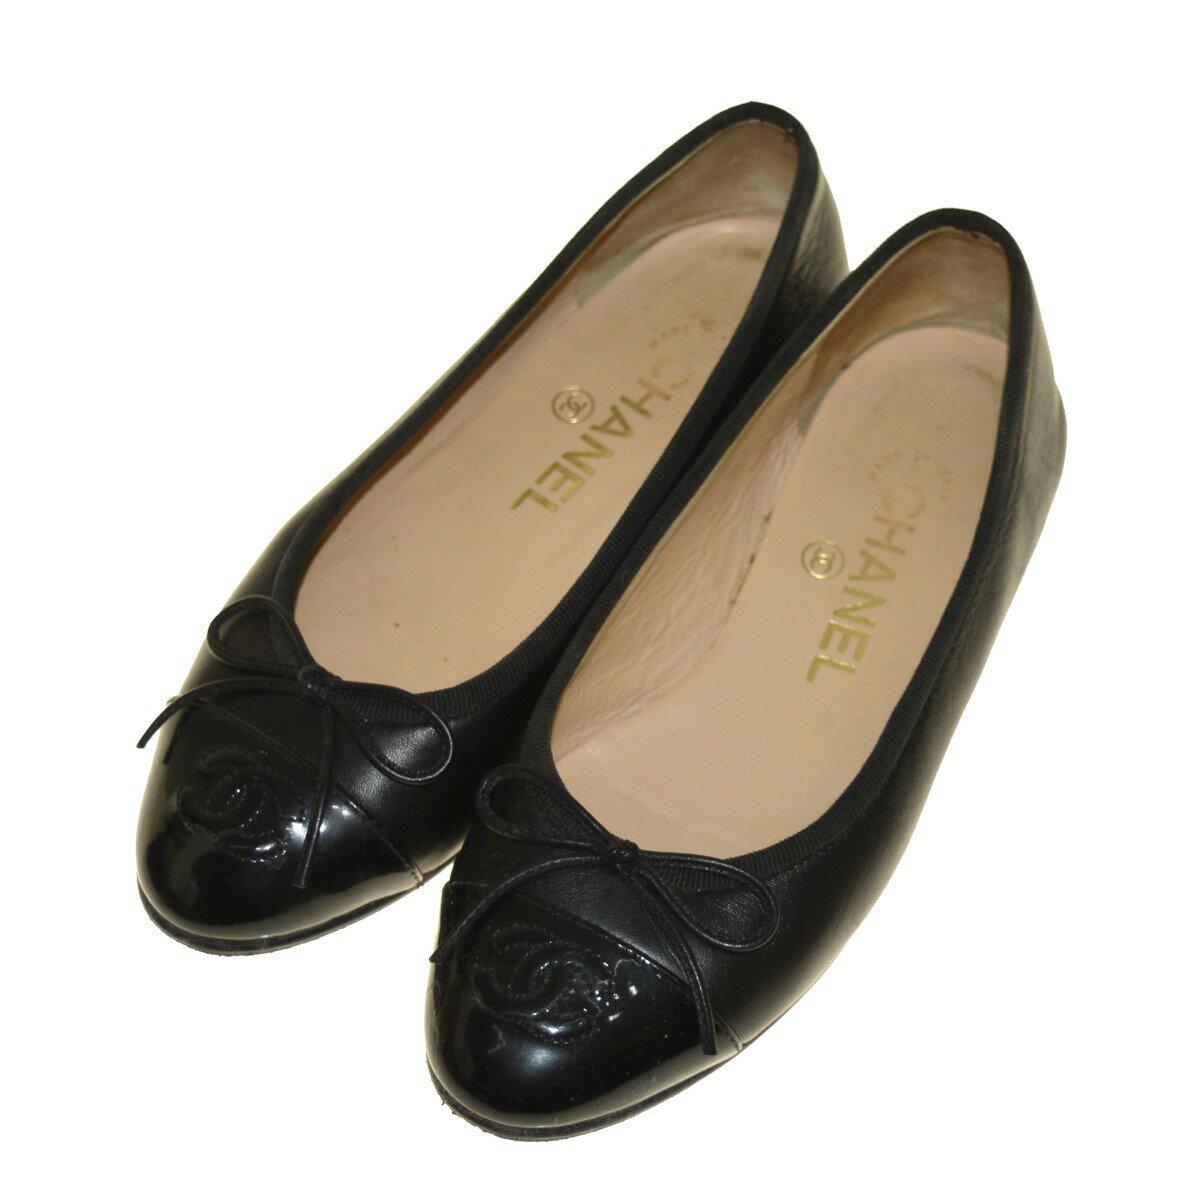 レディース靴, その他 CHANEL 34 12 050820